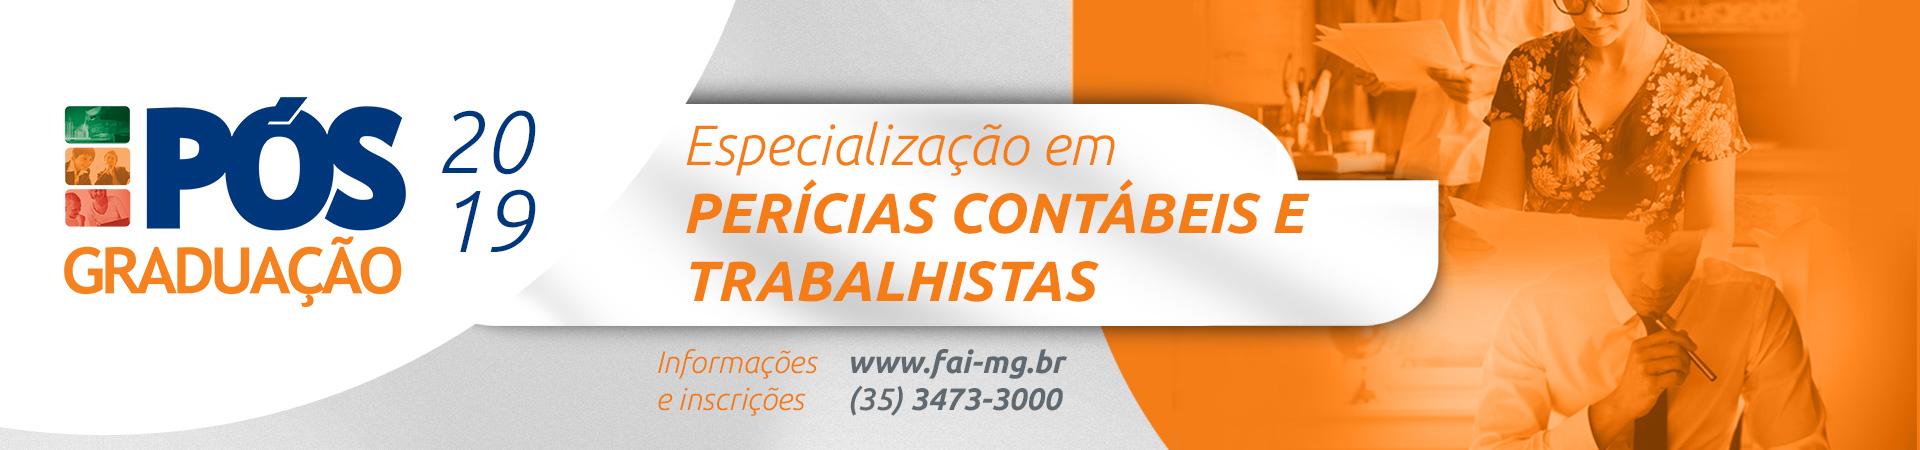 FAI_Ps_Graduao_2019_PERICIAS_CONTABEIS_Banner_Portal